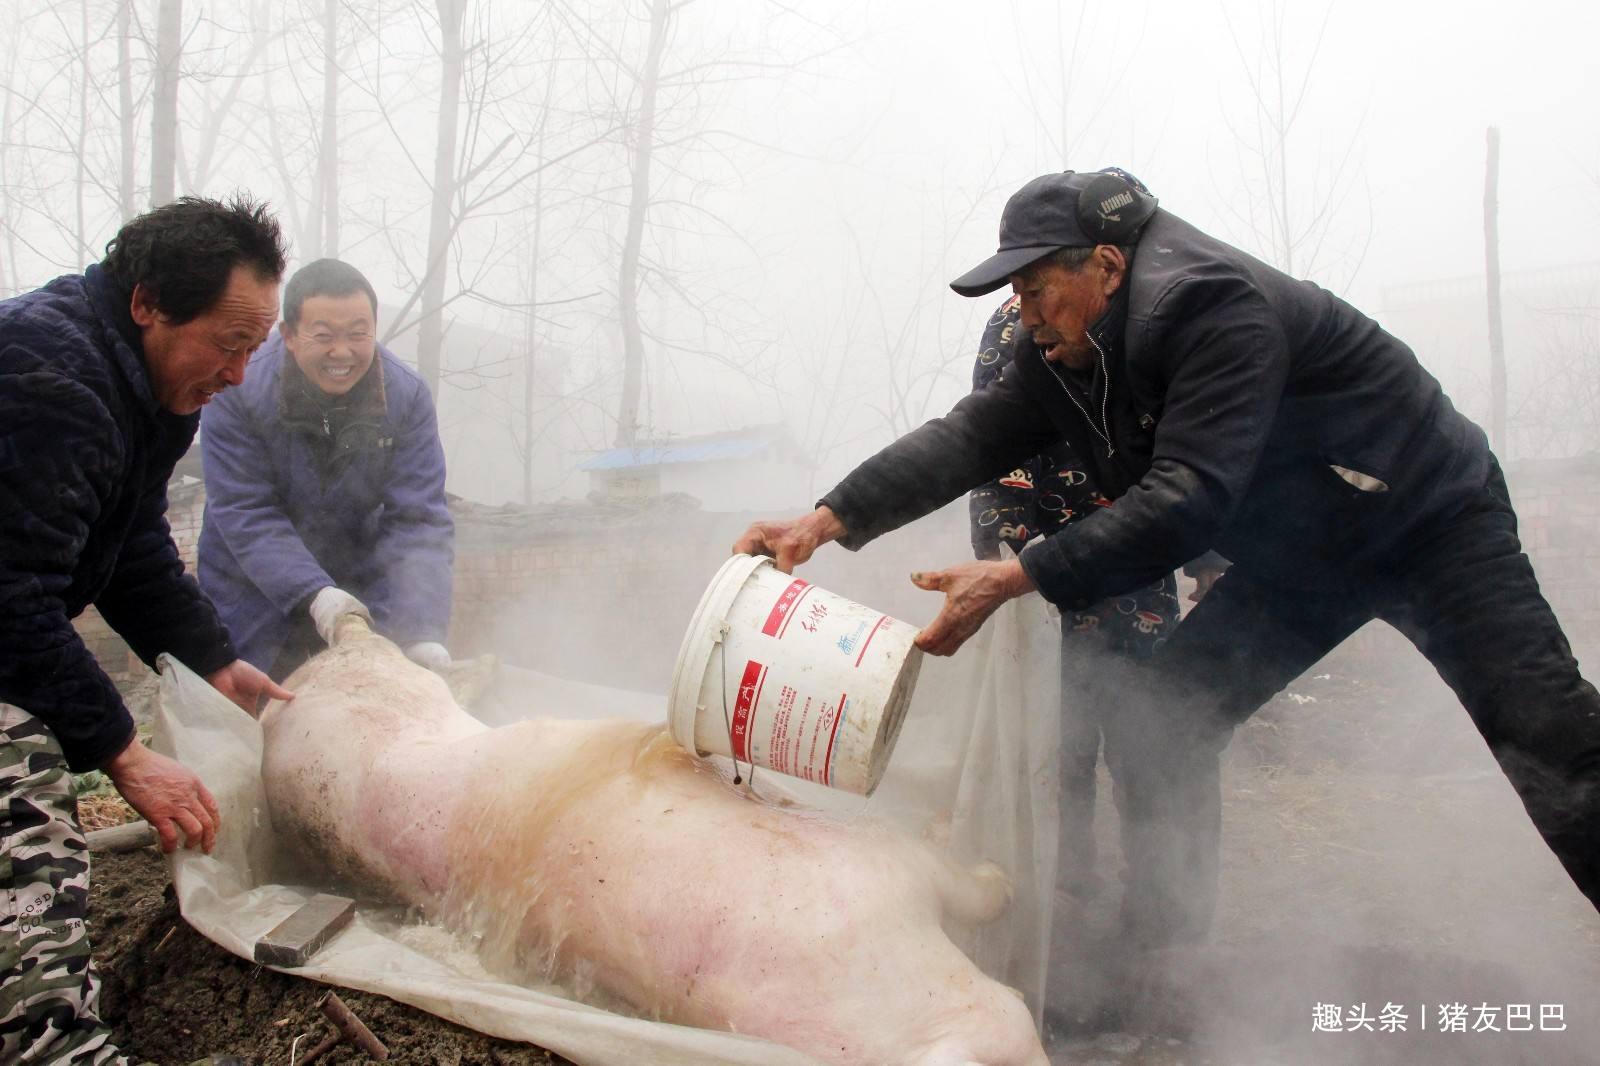 农村那些杀猪匠,明明外部很瓷实,为啥大多活不过五六十岁呢?